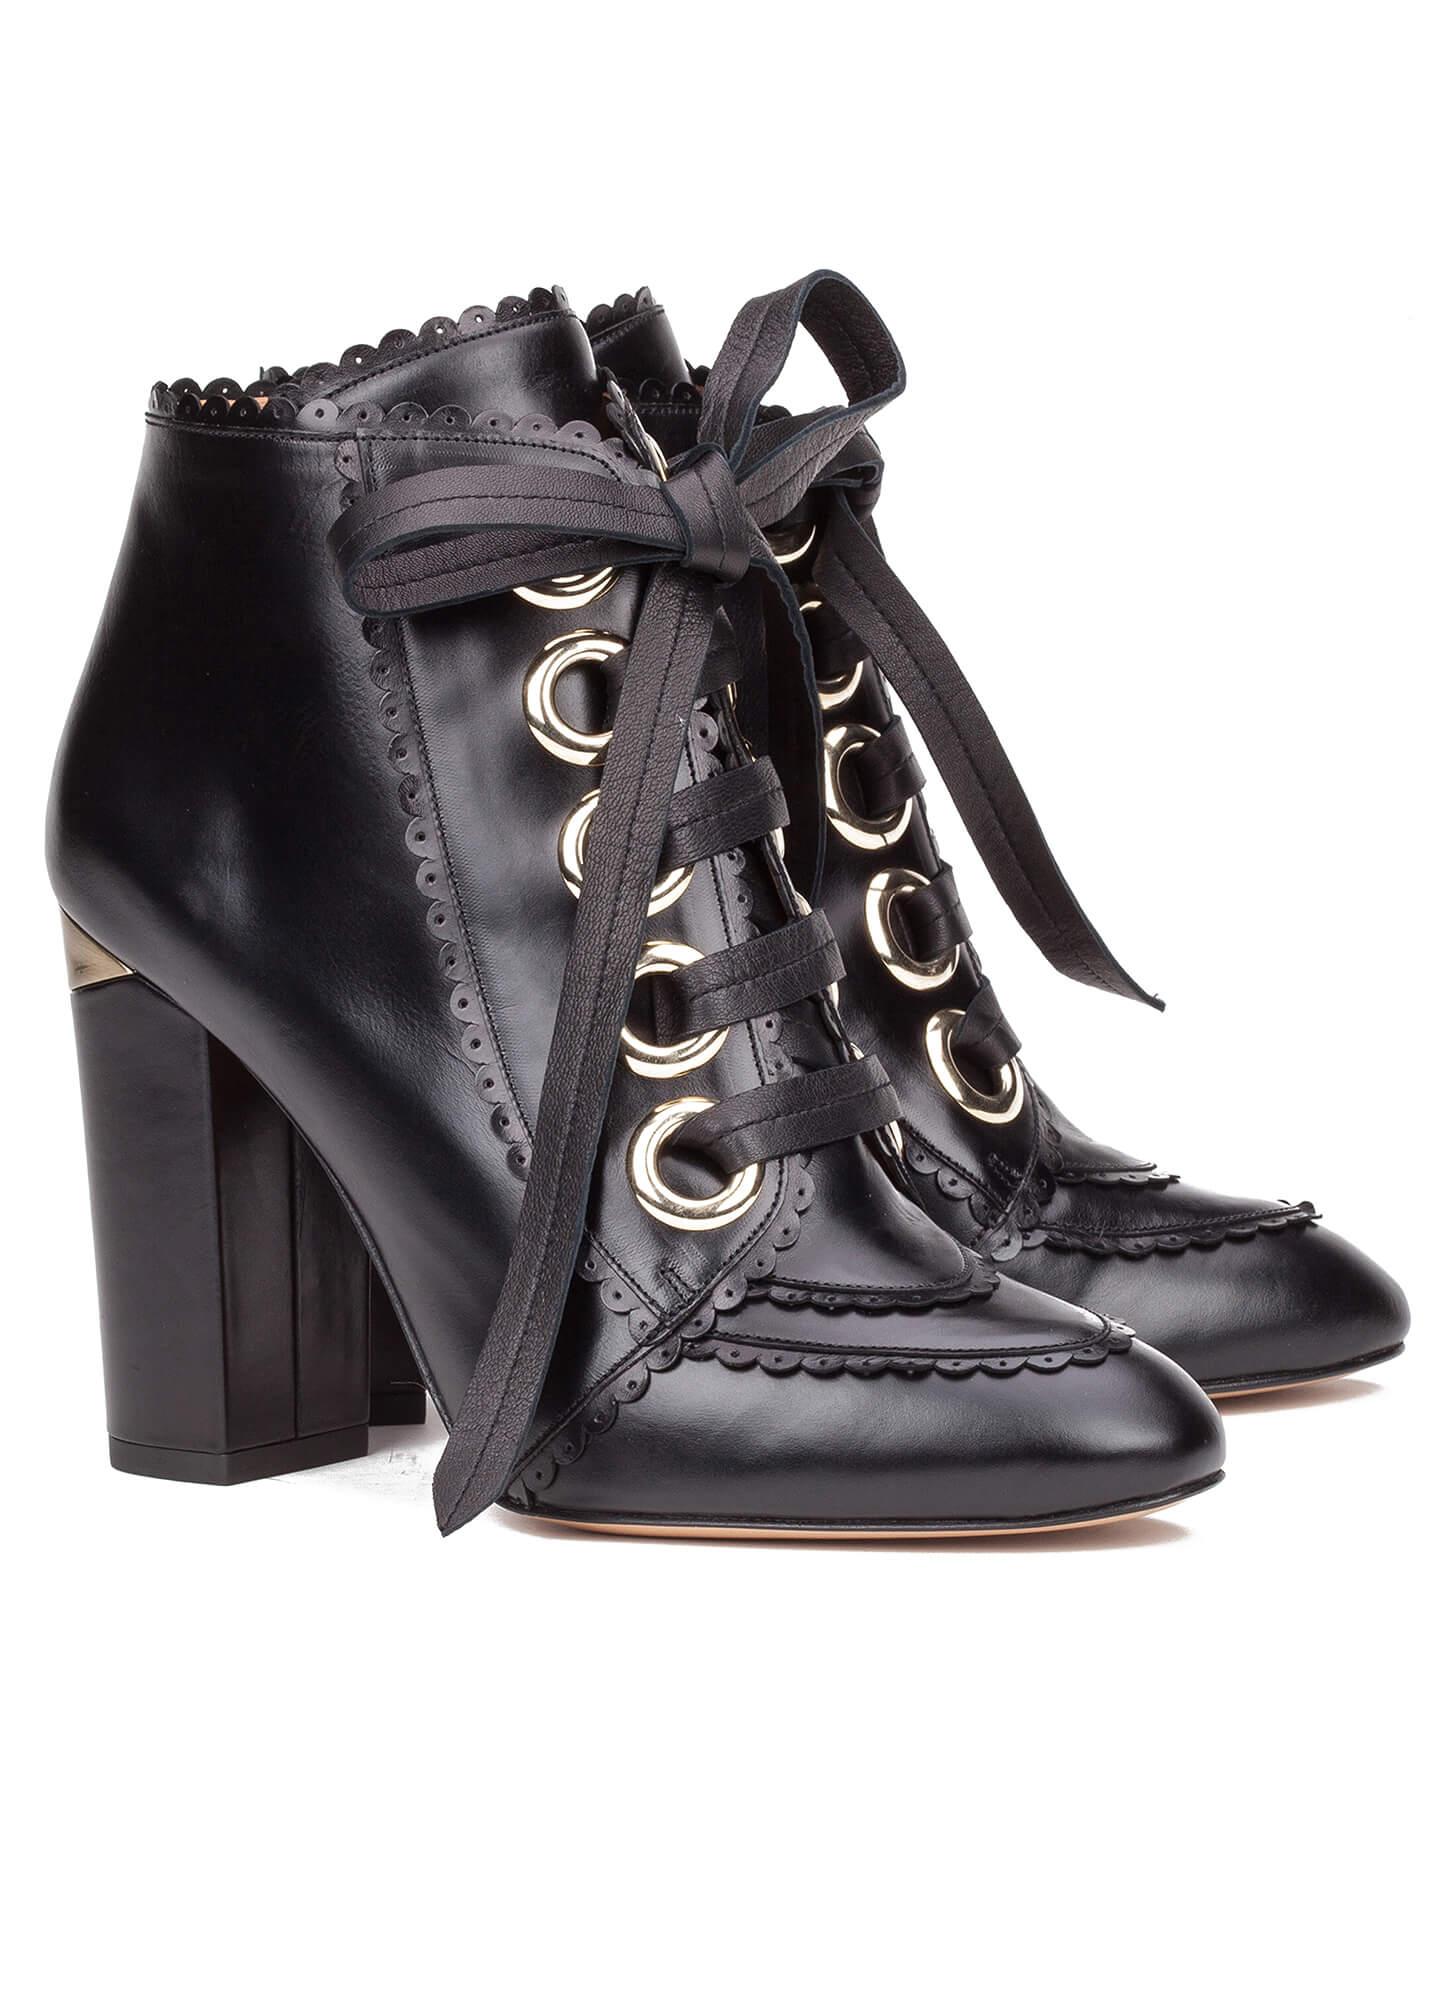 b4e7cece43787 Black lace-up heeled ankle boots - online shoe store Pura Lopez ...